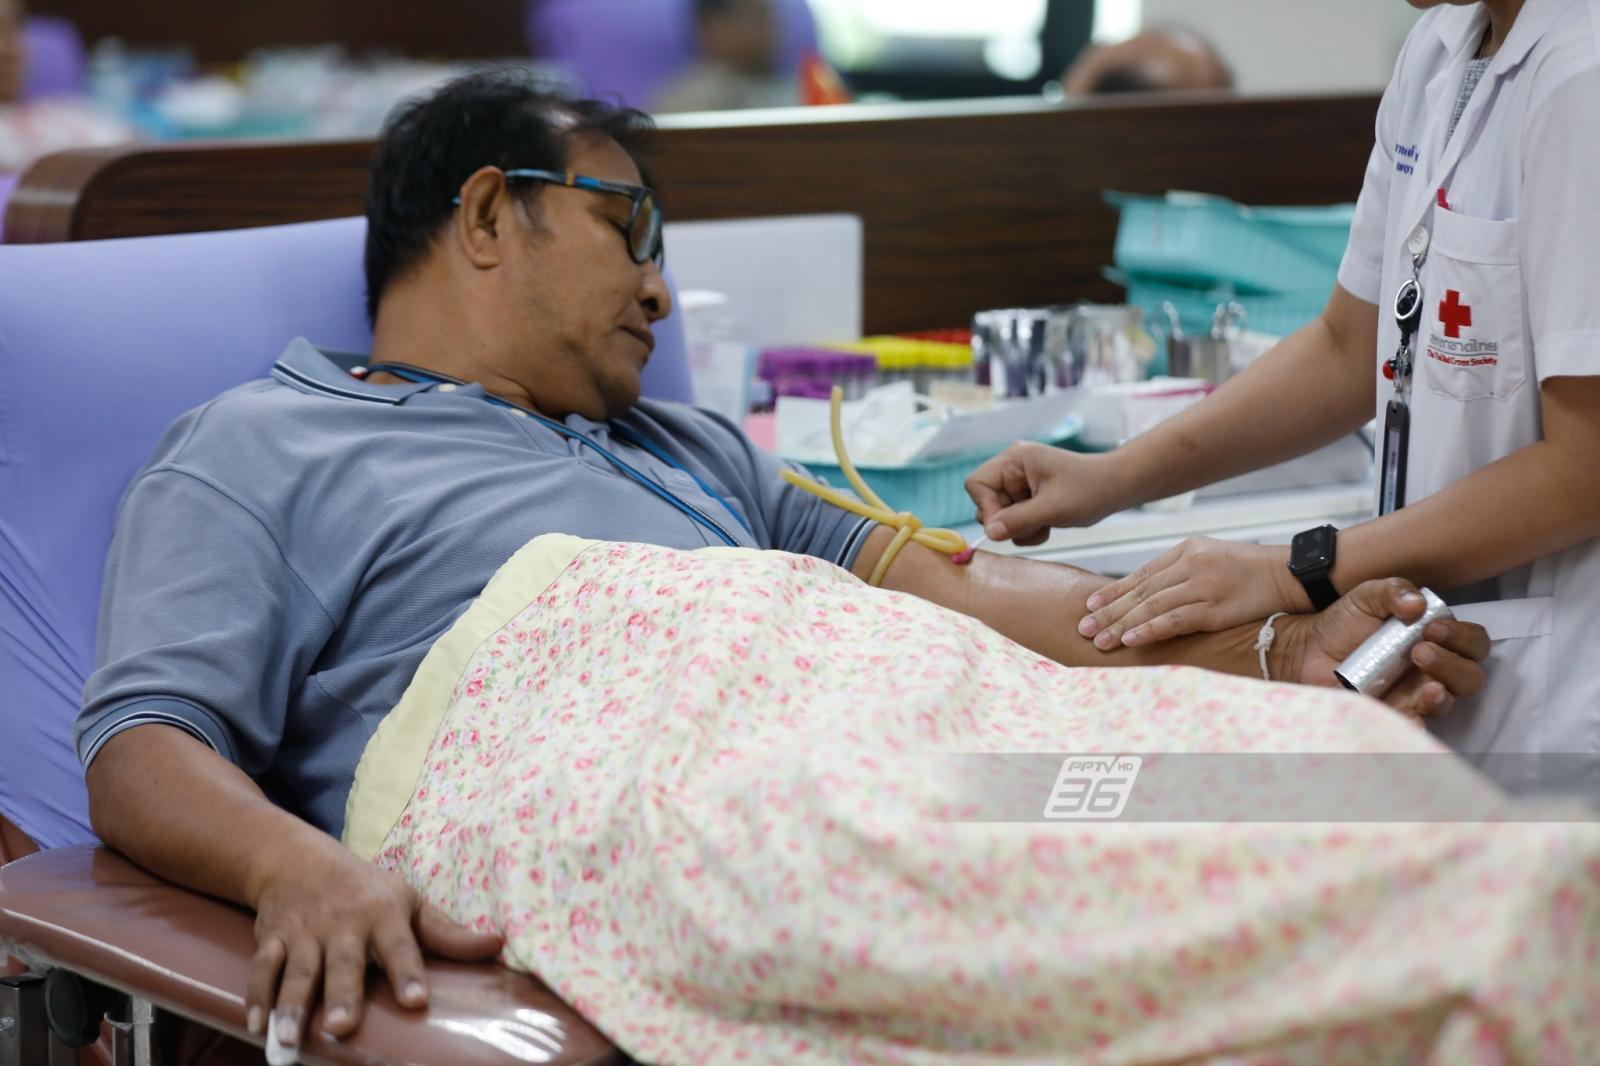 ด่วน! ศิริราช ขาดแคลนเลือดทุกหมู่ วอนผู้มีสุขภาพดีบริจาคช่วยผู้ป่วย